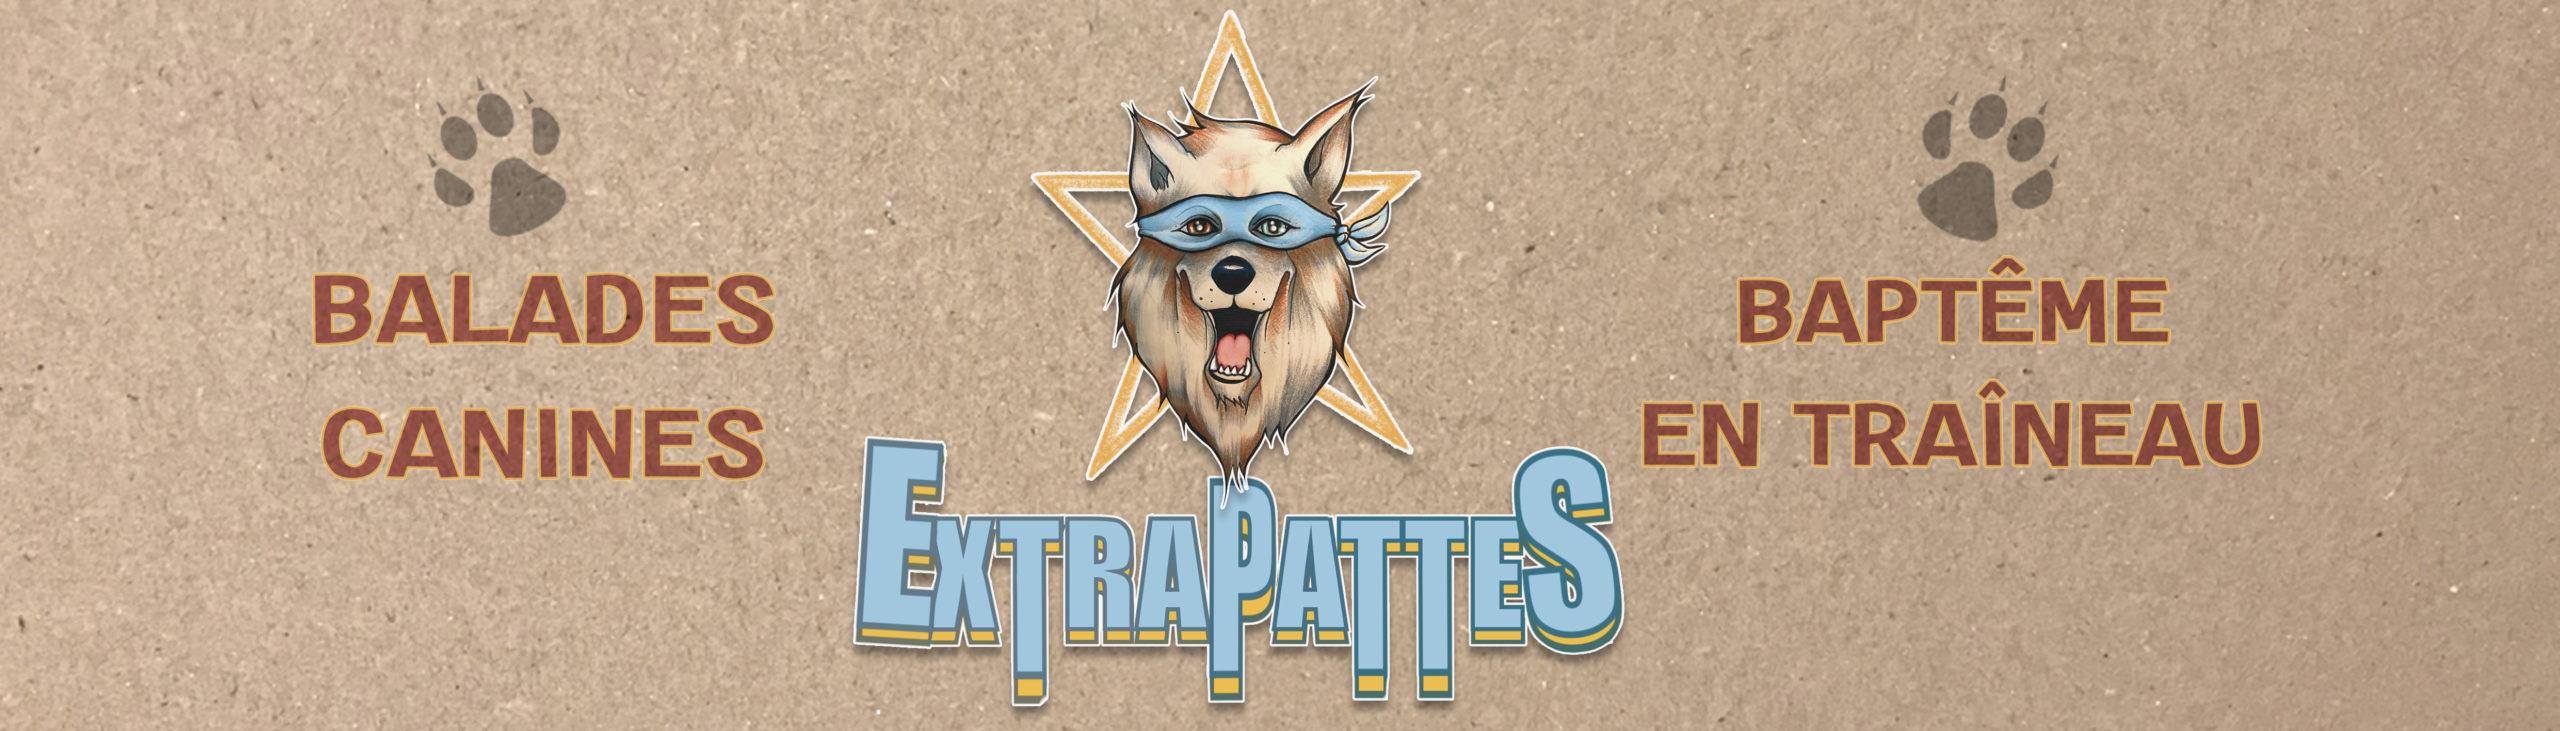 ExtraPattes : Balades canines et Baptêmes en traineau